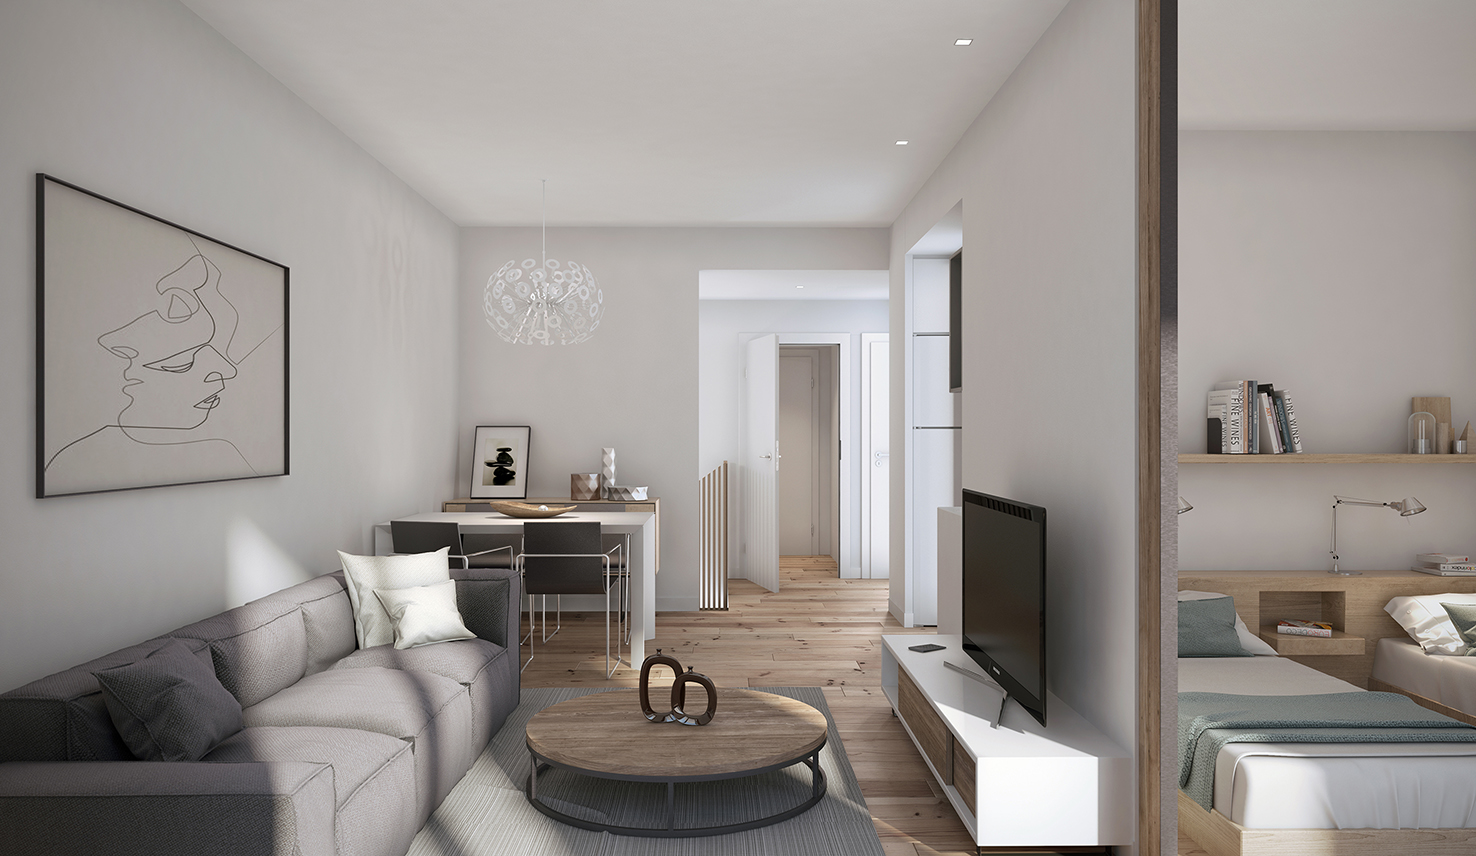 Imágen 3d Interior design por ASARCH, Barcelona